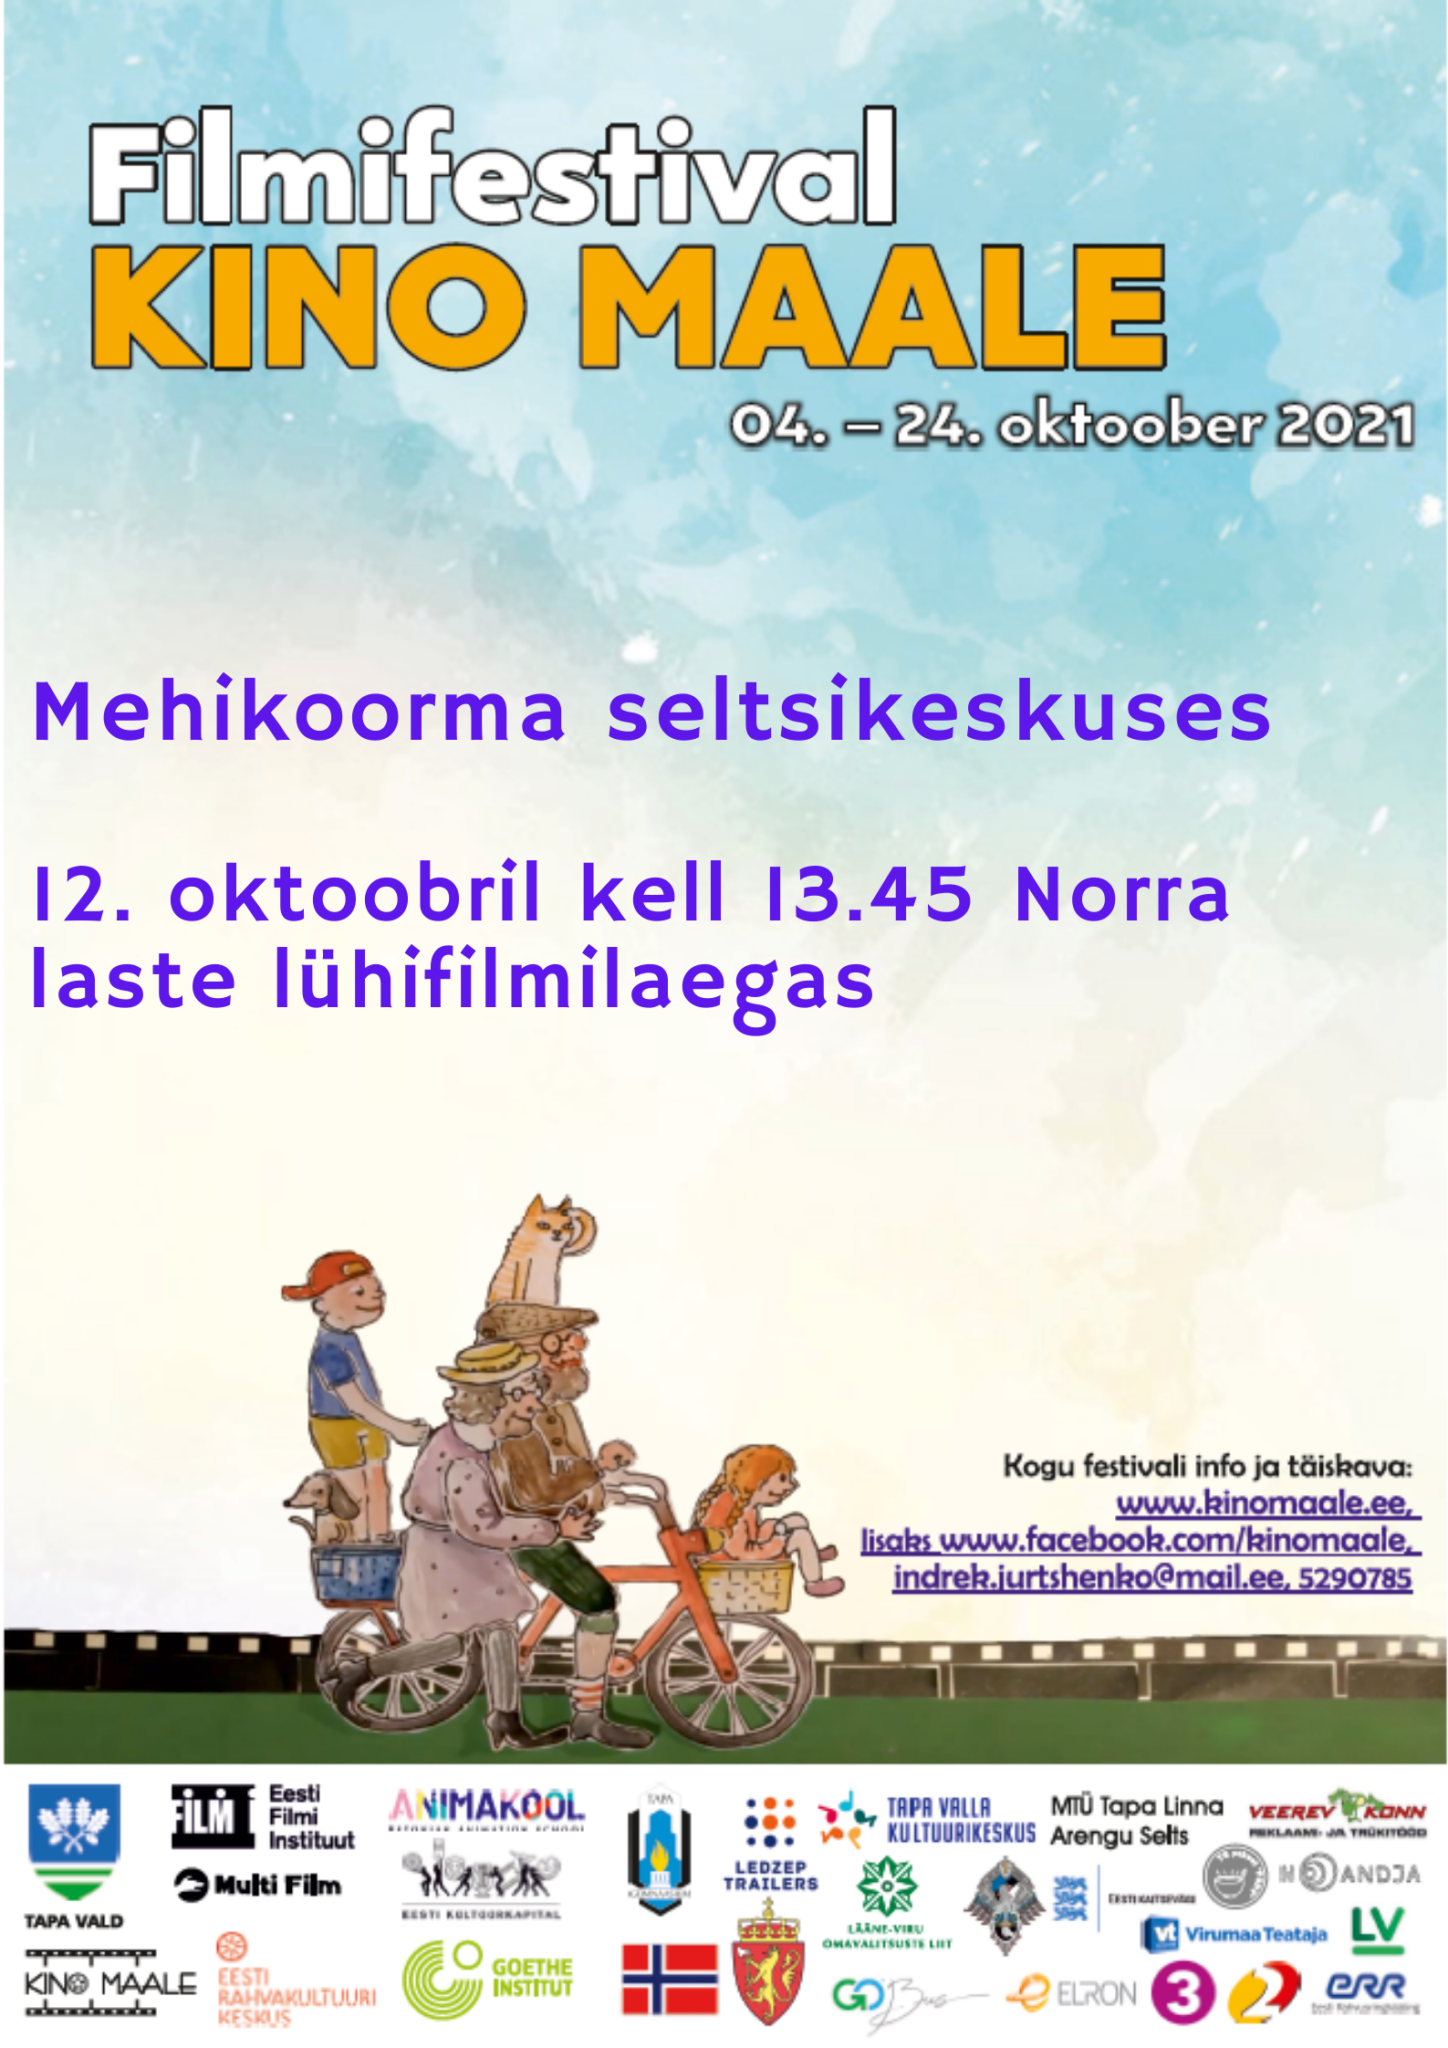 Filmifestival Kino maale: Norra laste lühifilmilaegas @ Mehikoorma seltsikeskus | Mehikoorma | Tartu maakond | Eesti